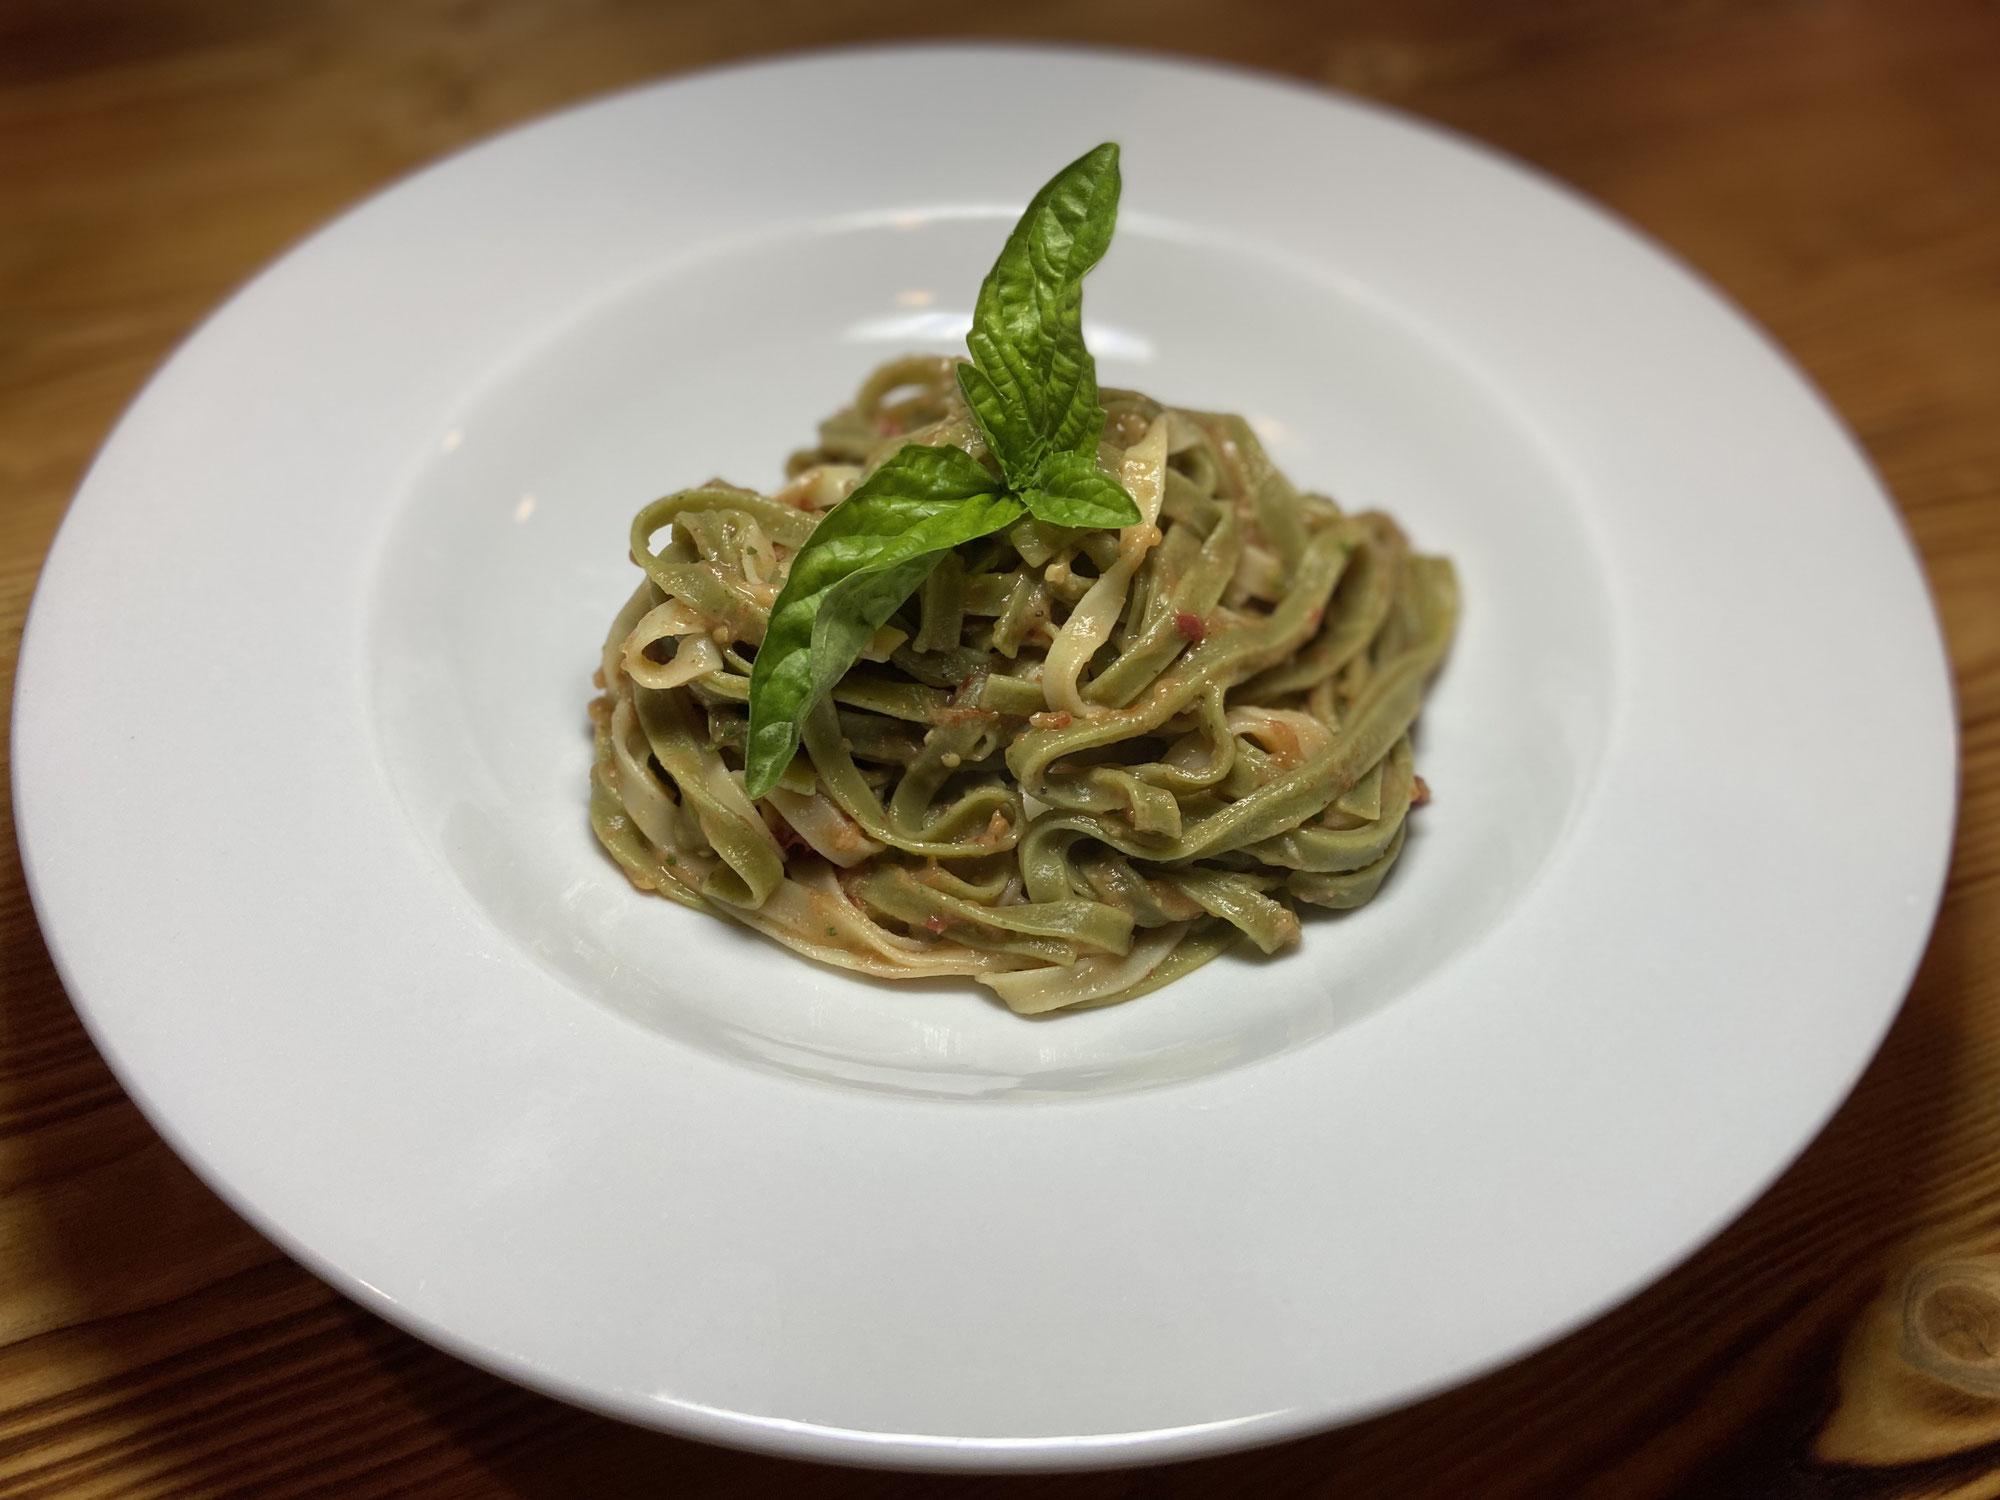 Pasta mit Melanzanicreme und getrockneten Paradeisern